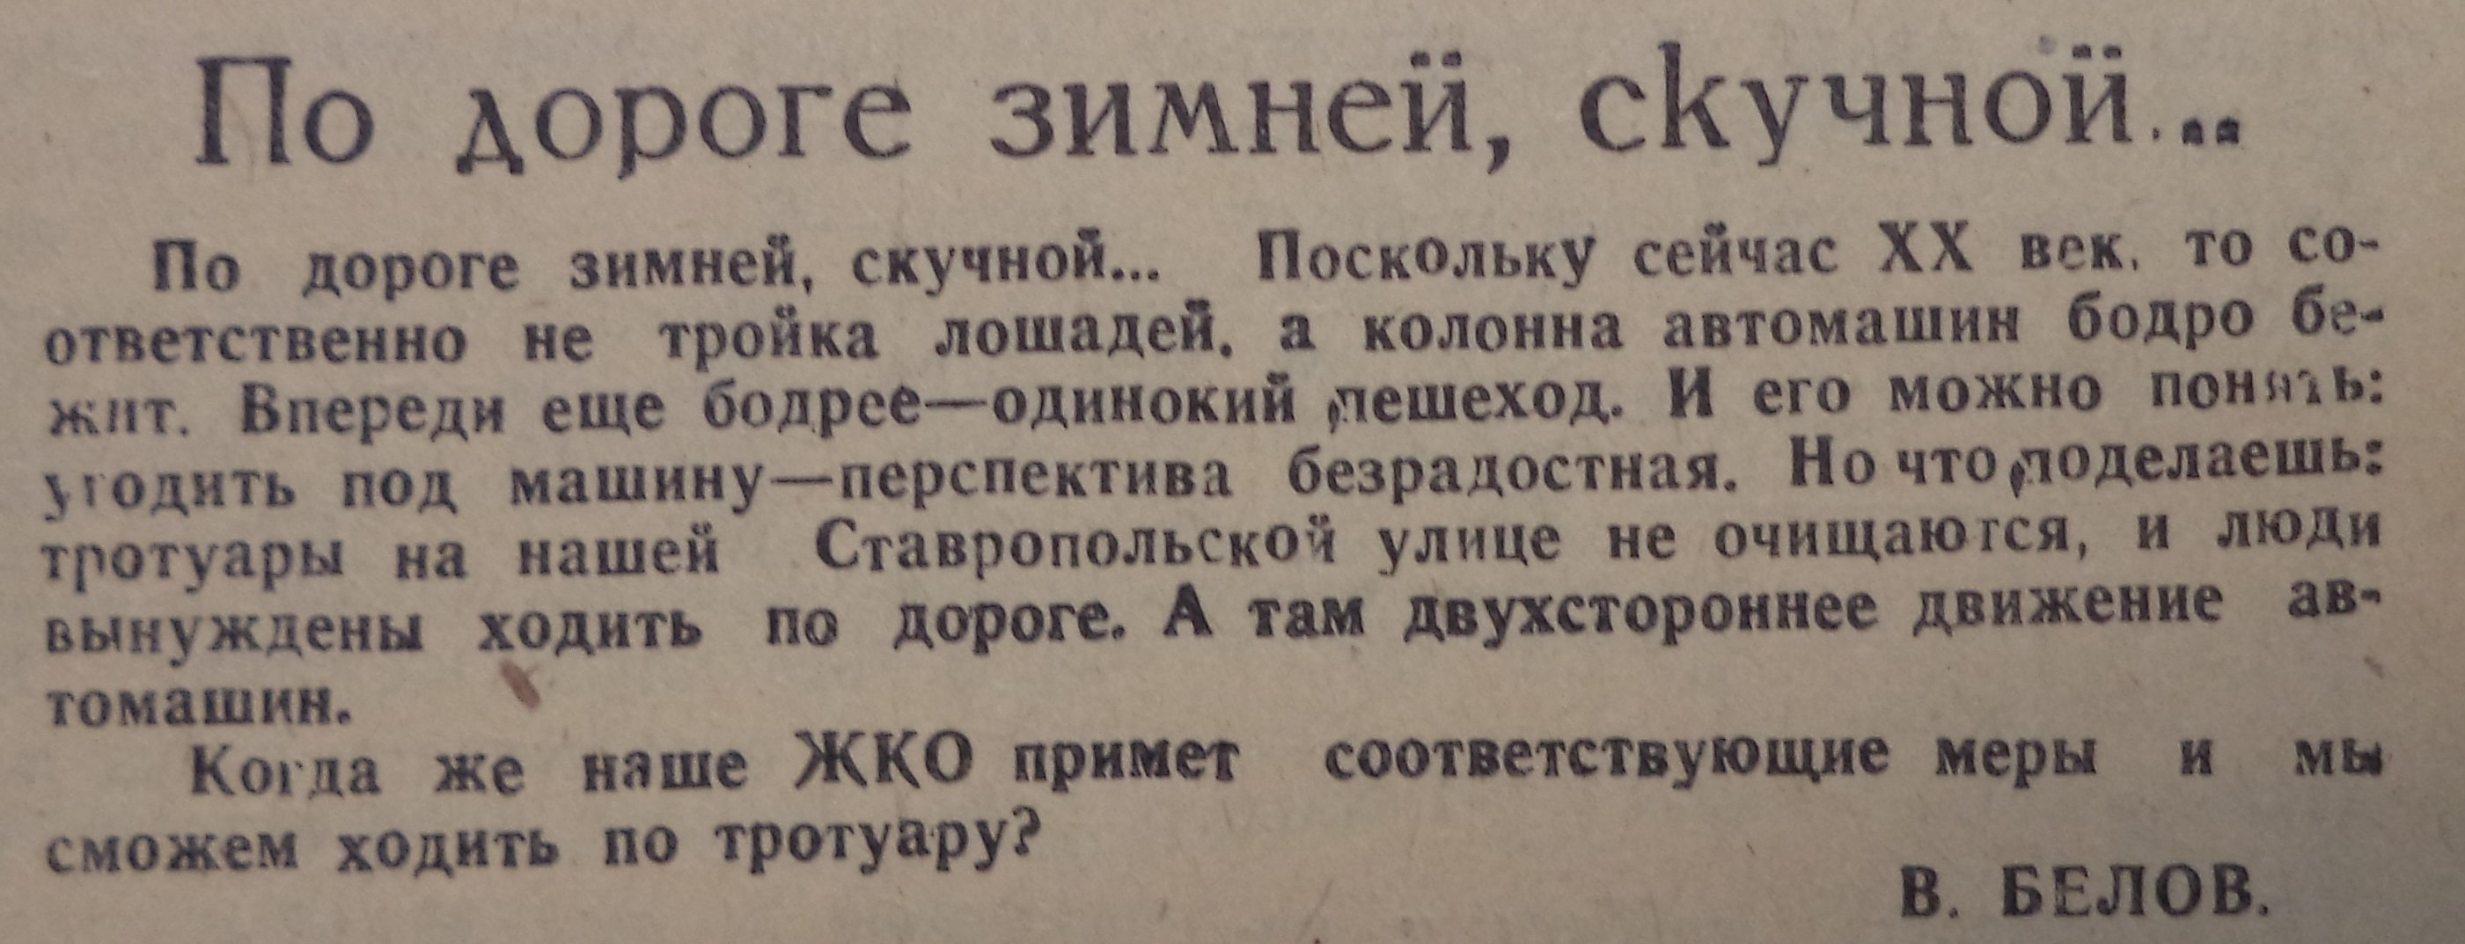 Ставропольская-ФОТО-30-Рабочий-1966-15 января-Y-min